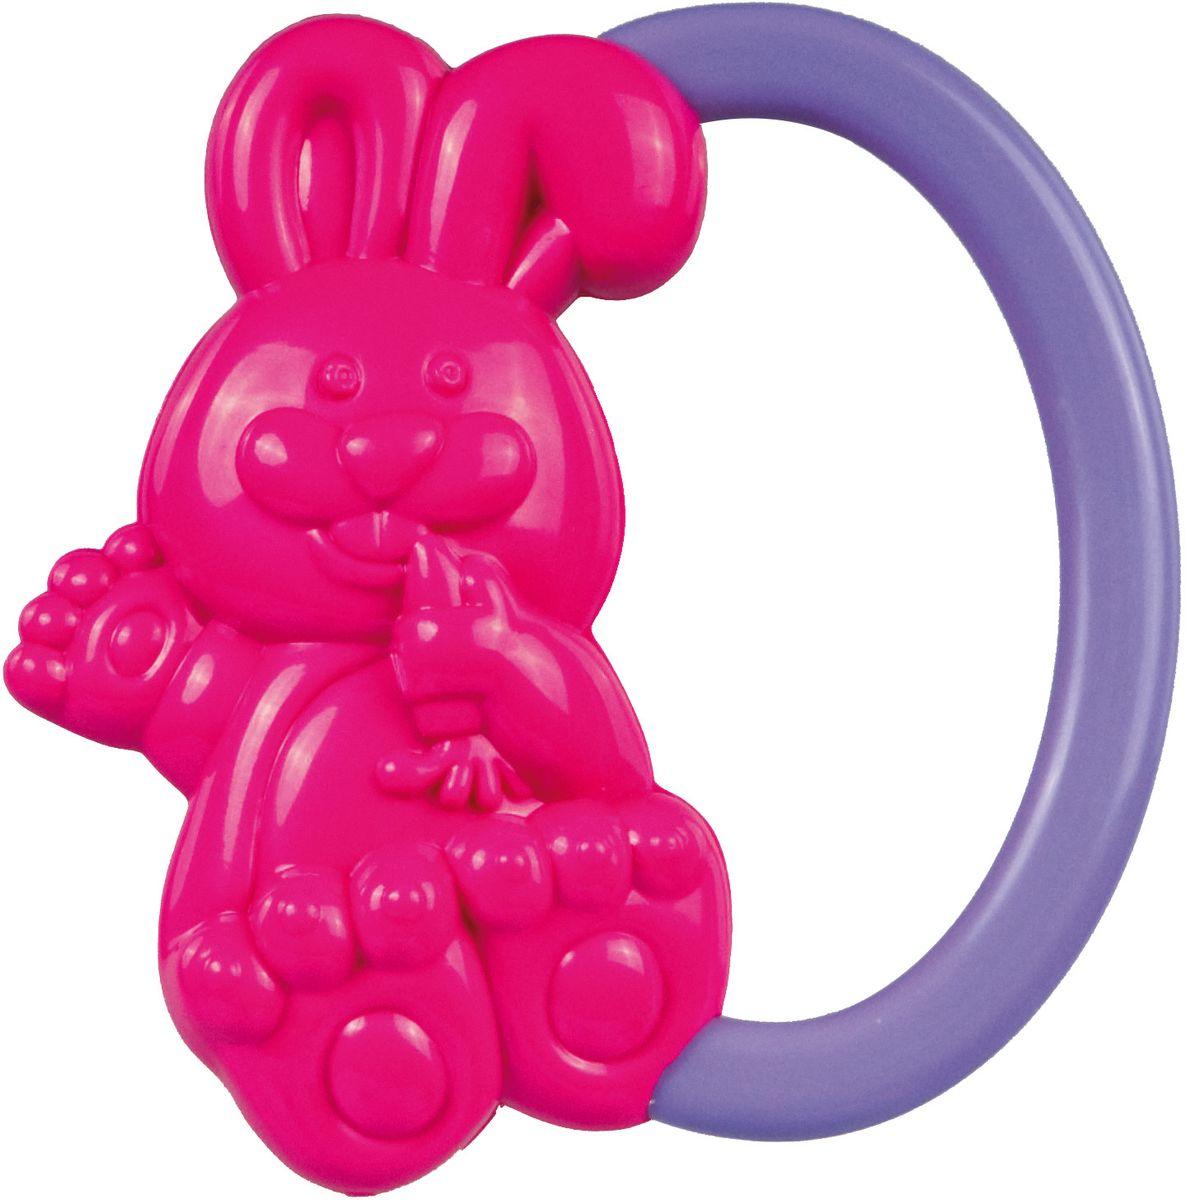 Canpol Babies Погремушка Кролик цвет розовый стеллар погремушка дудочка стеллар